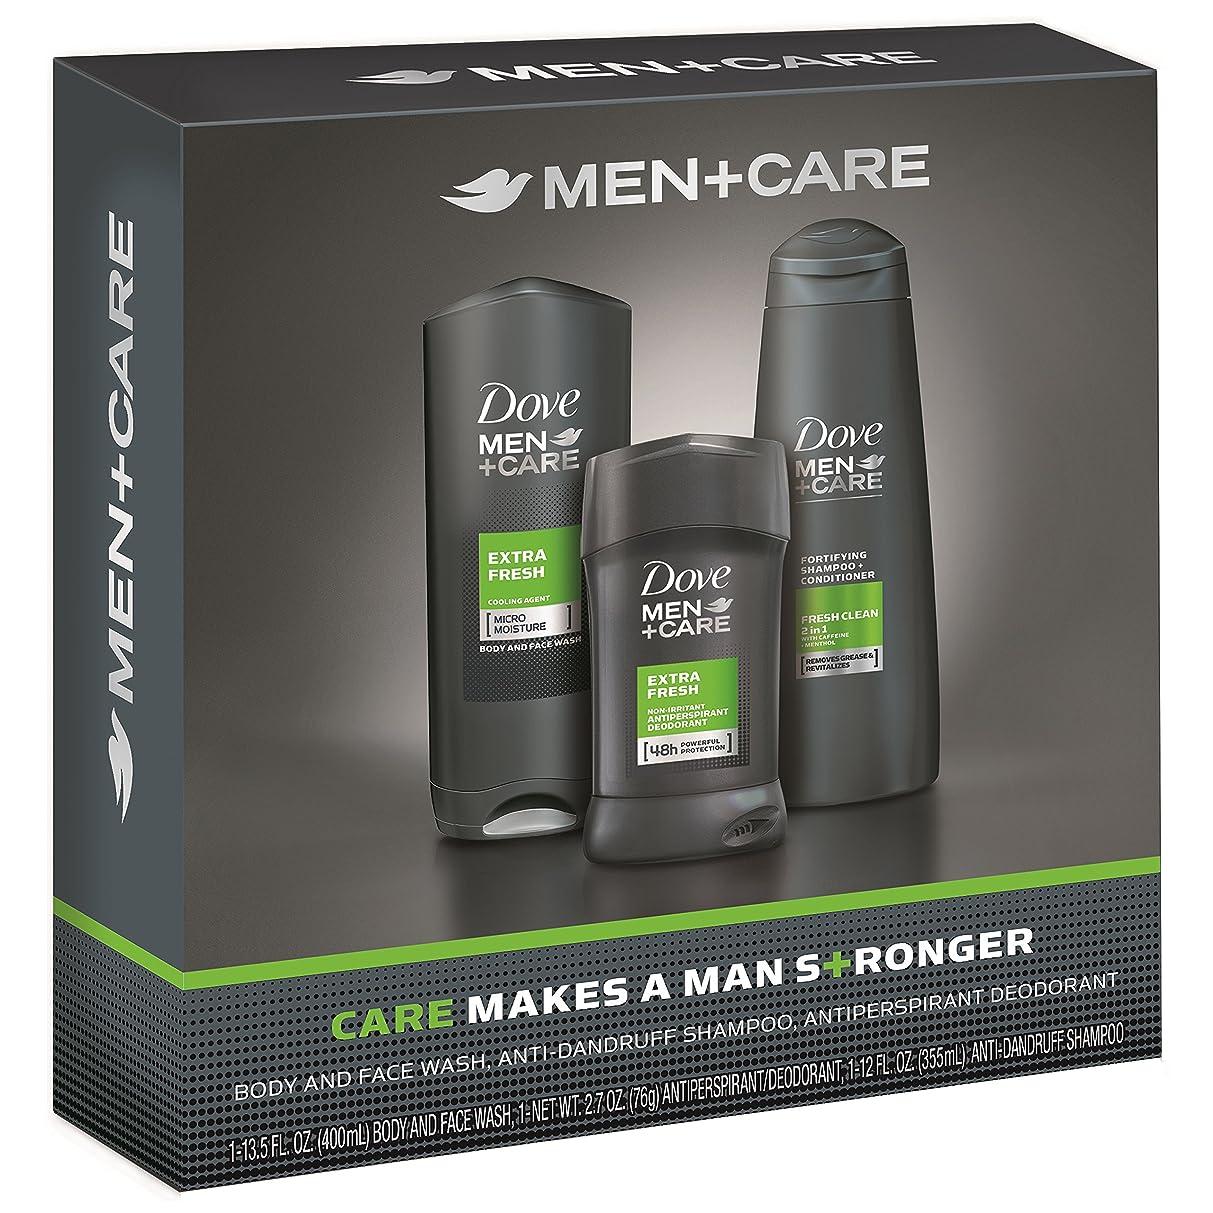 イライラする明示的に幸運なDove Men+Care Gift Pack Extra Fresh ダブ メンプラスケア ギフトパック エクストラフレッシュ